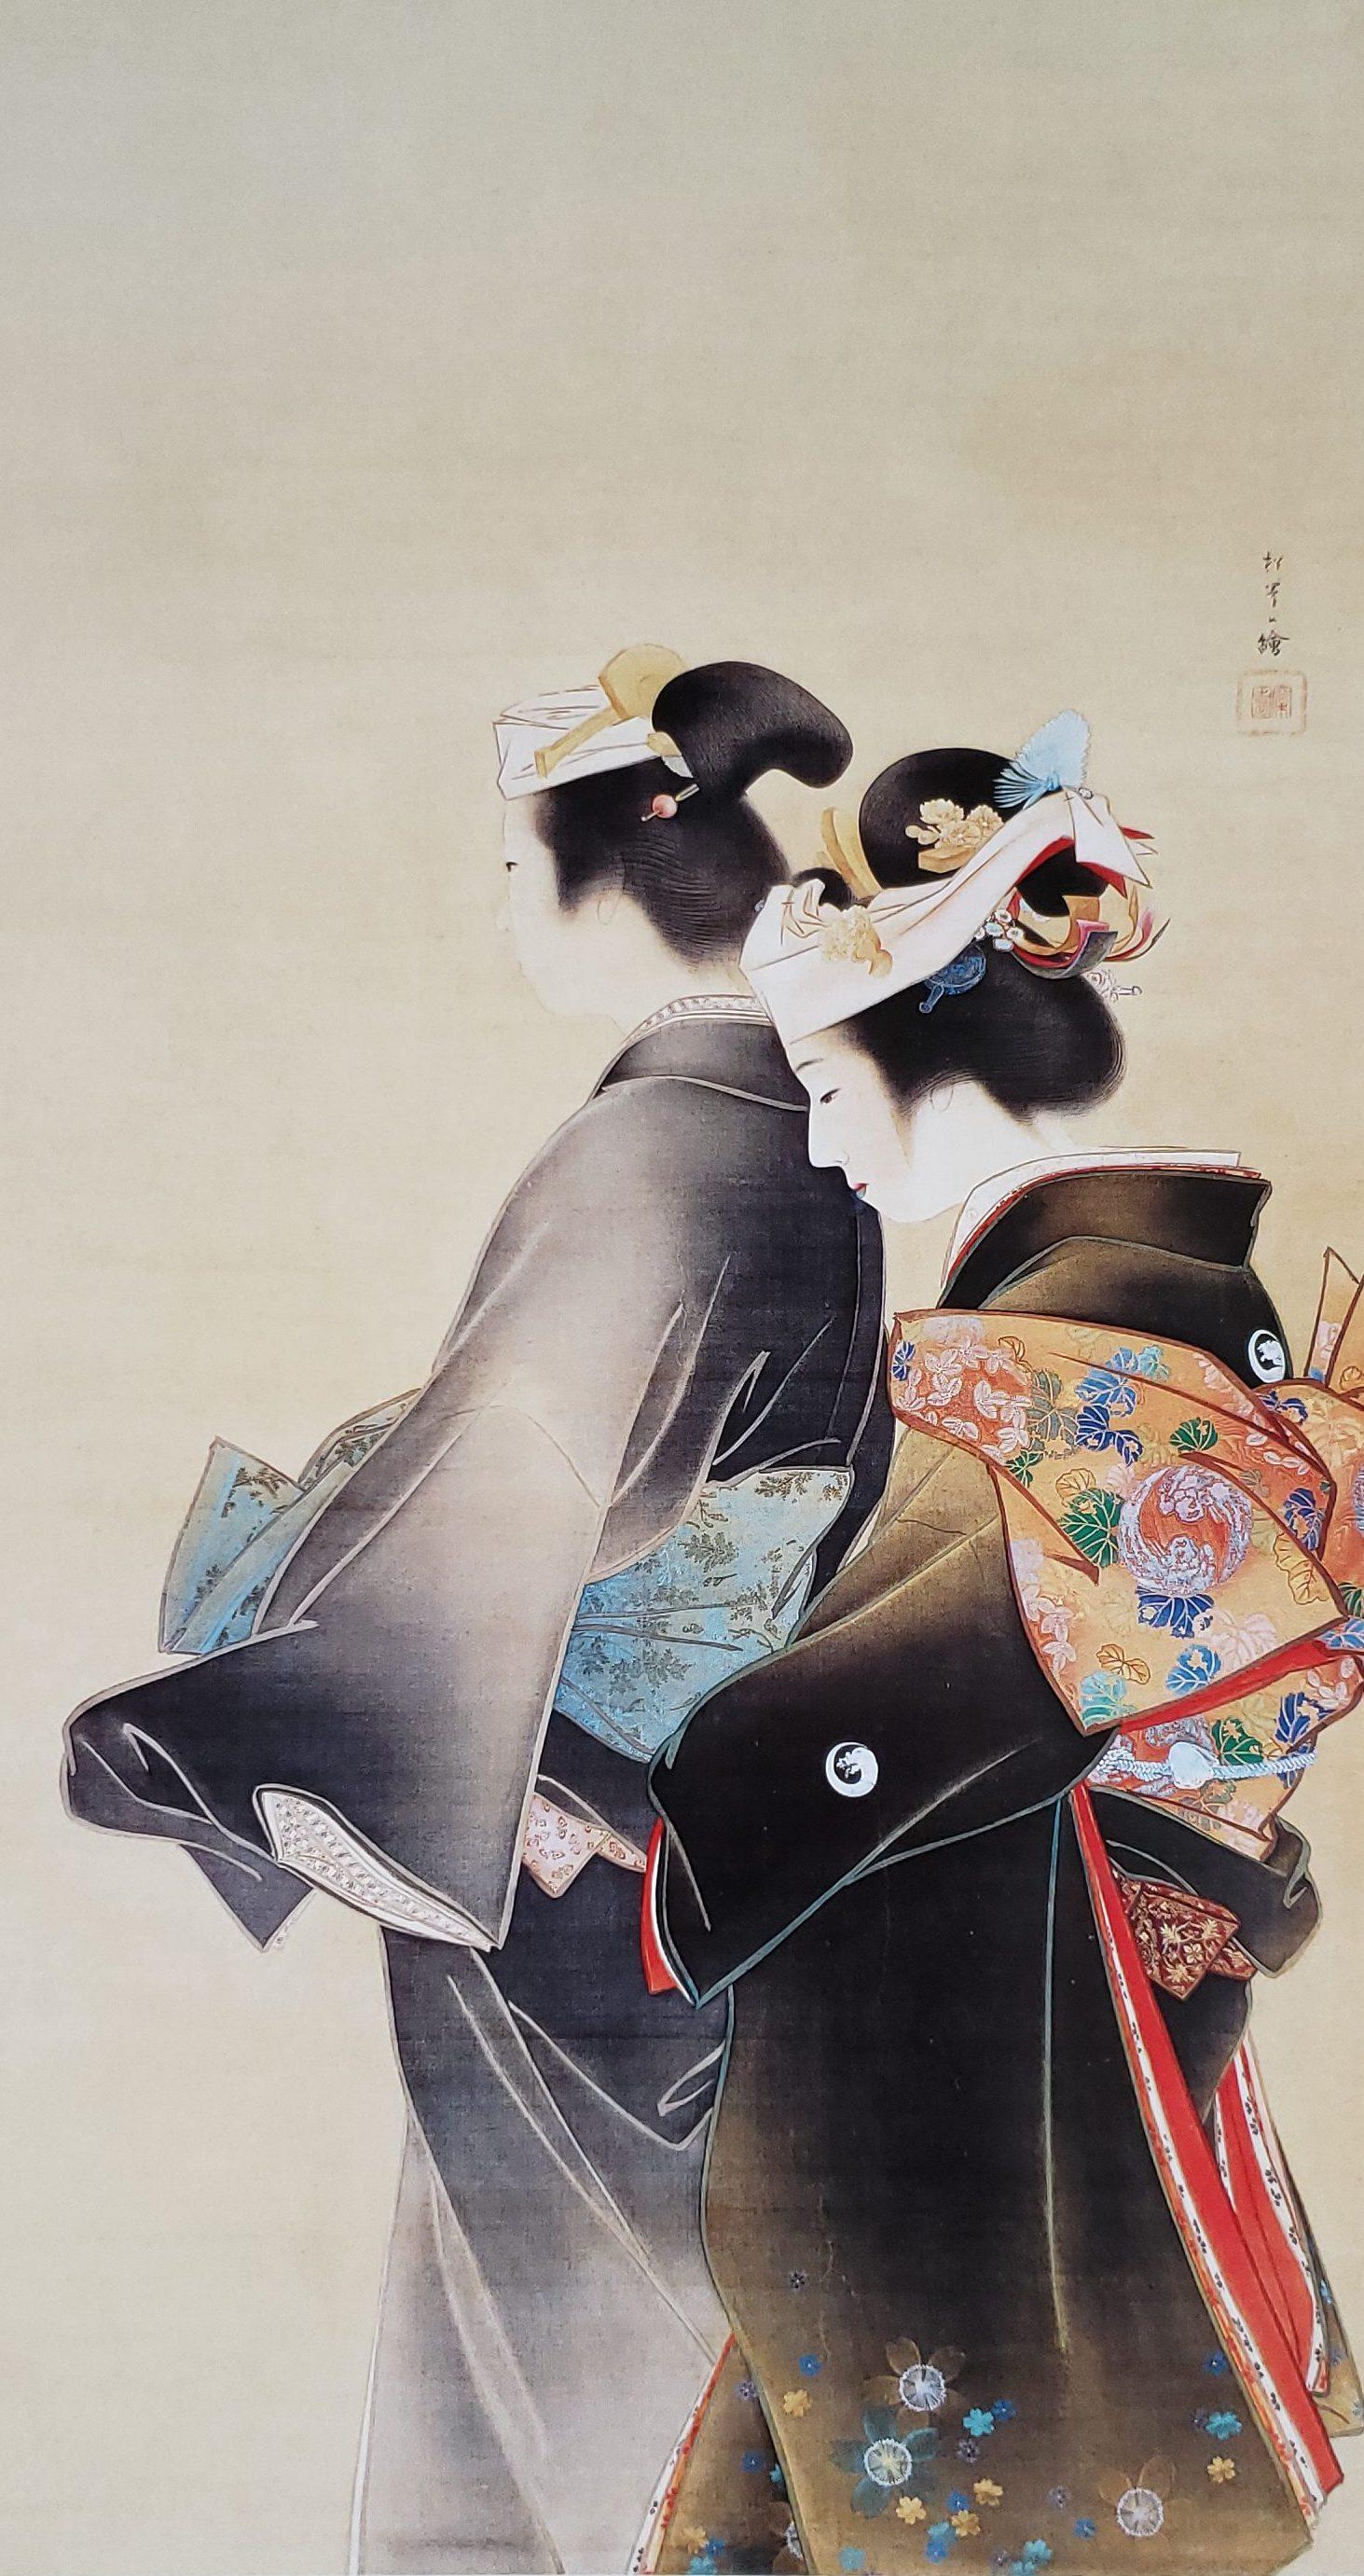 【Karen 珠寶飾説話】初見岩繪 京都美術館 上村松園日本美人畫